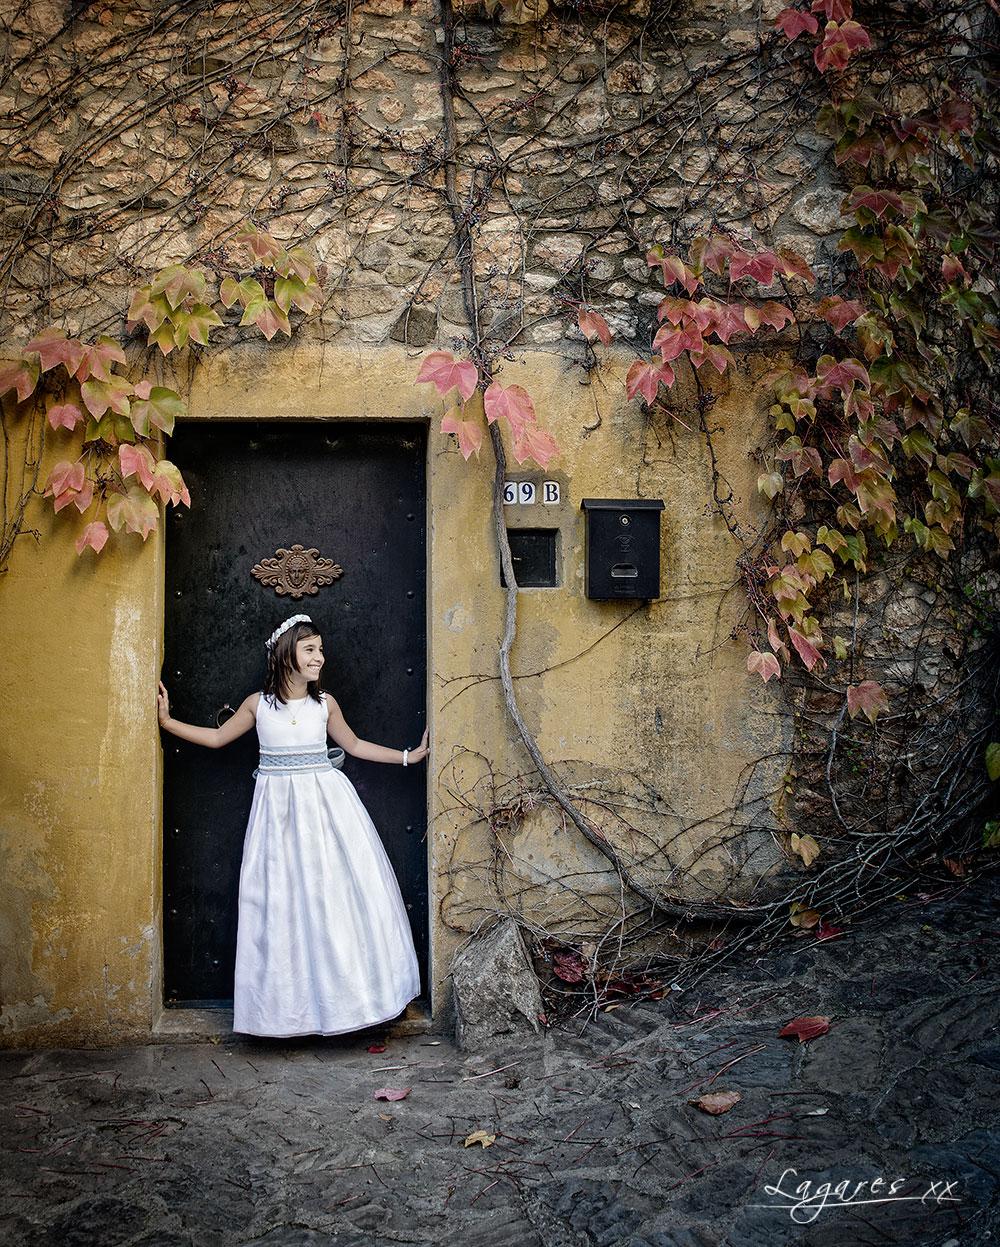 Reportajes de comunión creativos en estudio y exterior por José Luis Lagares, fotógrafo de Cornellá Barcelona y Lloret de mar Girona. Niña de comunión en pueblo medieval y puerta rústica